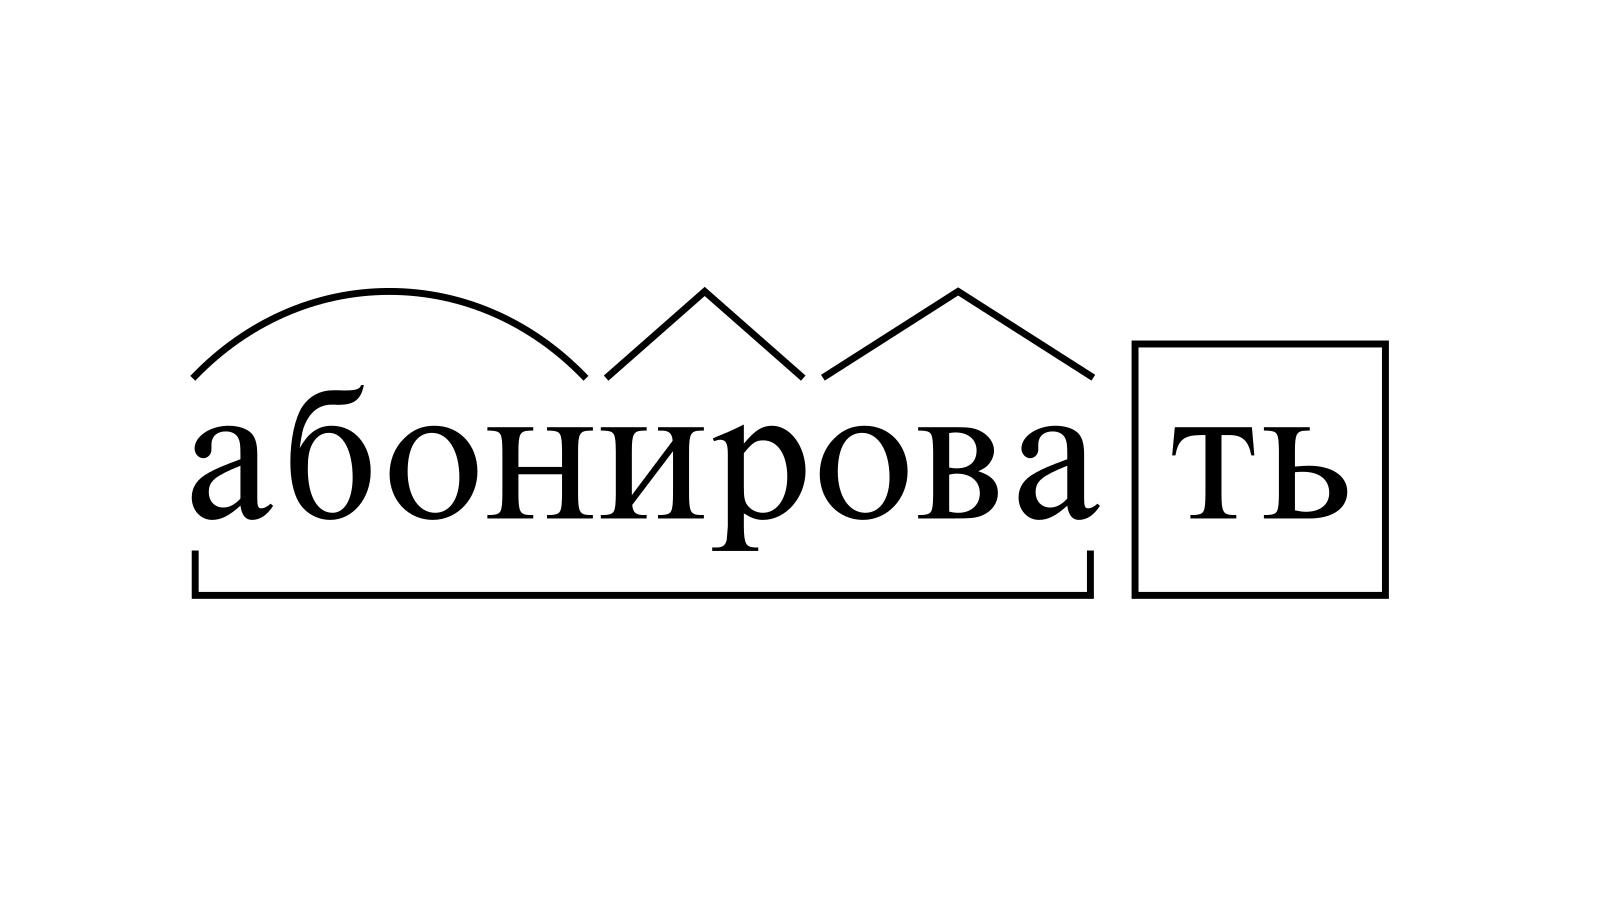 Разбор слова «абонировать» по составу